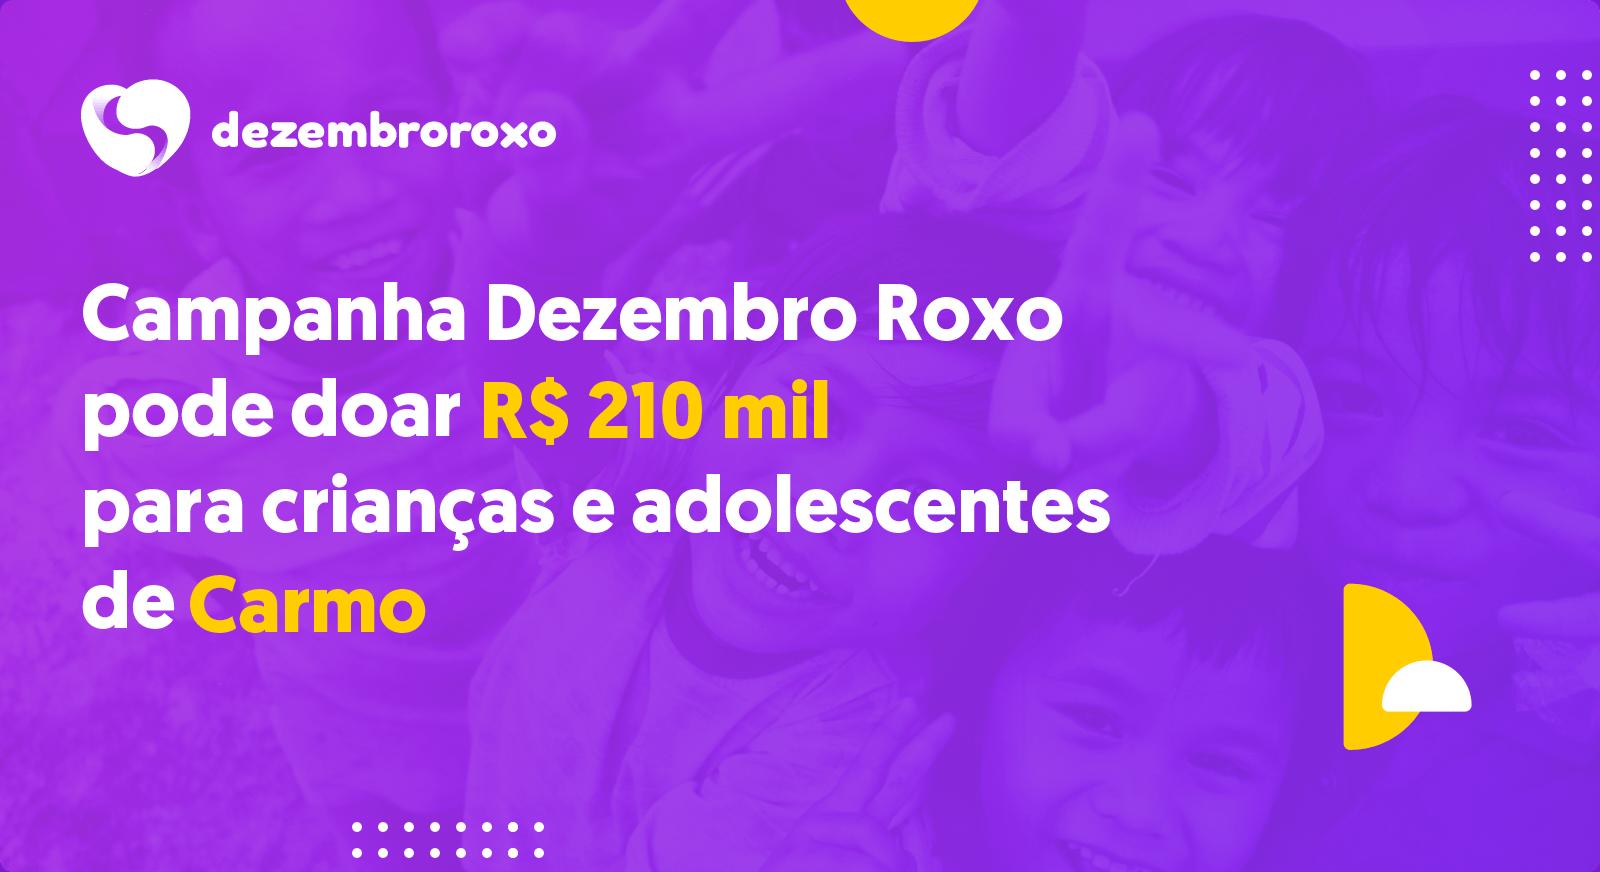 Doações em Carmo - RJ